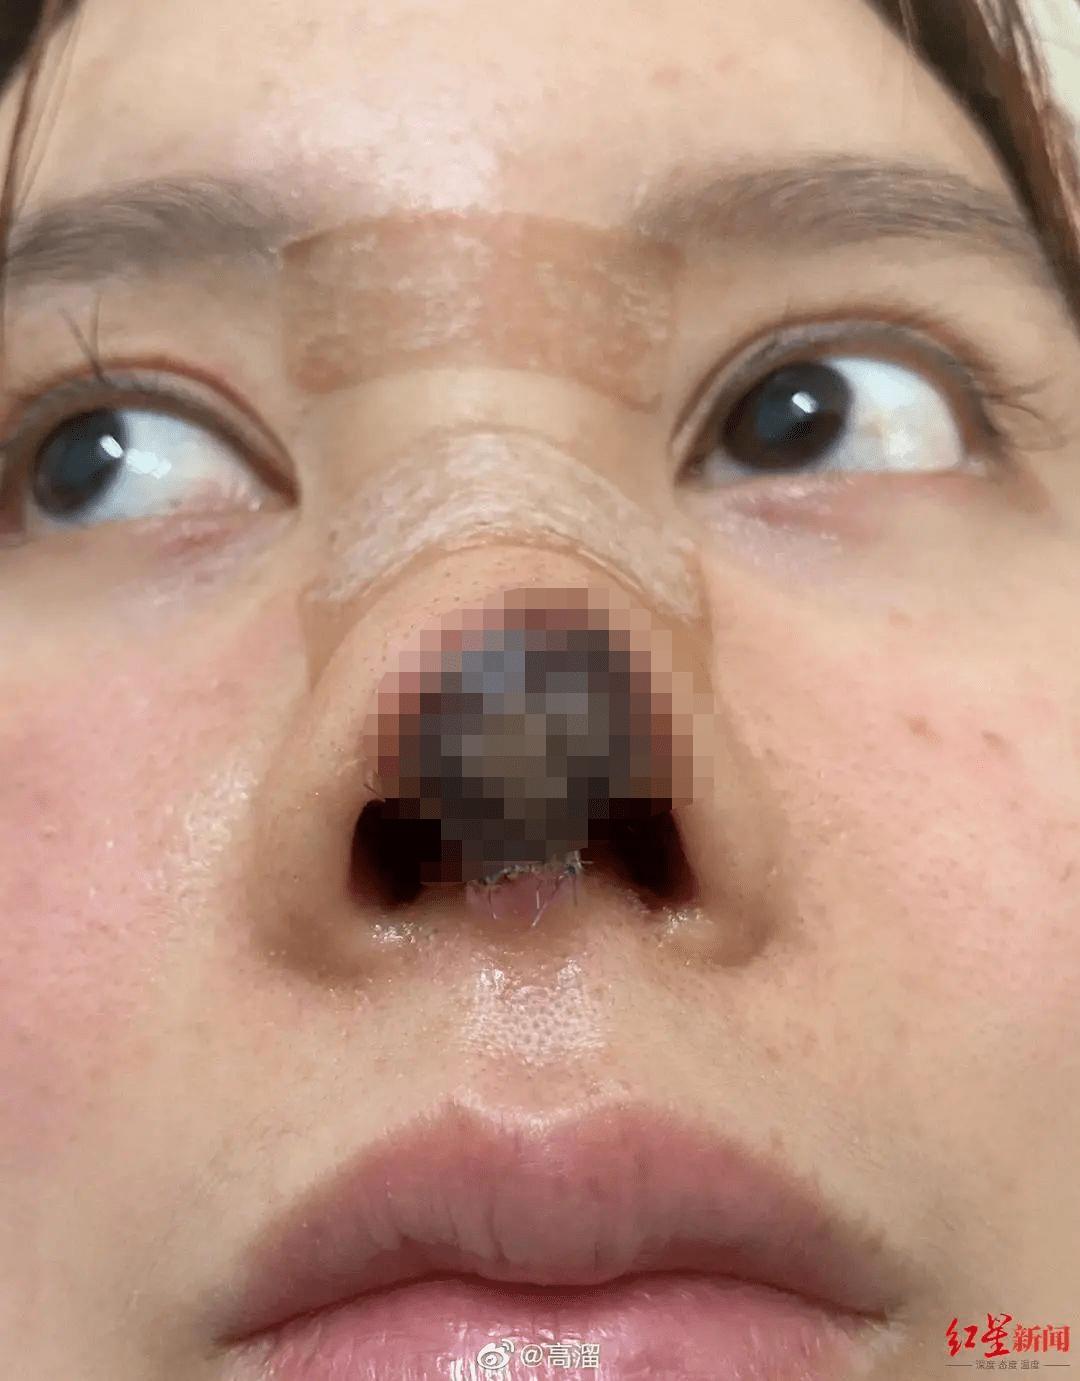 隆鼻后鼻头一侧凹图片